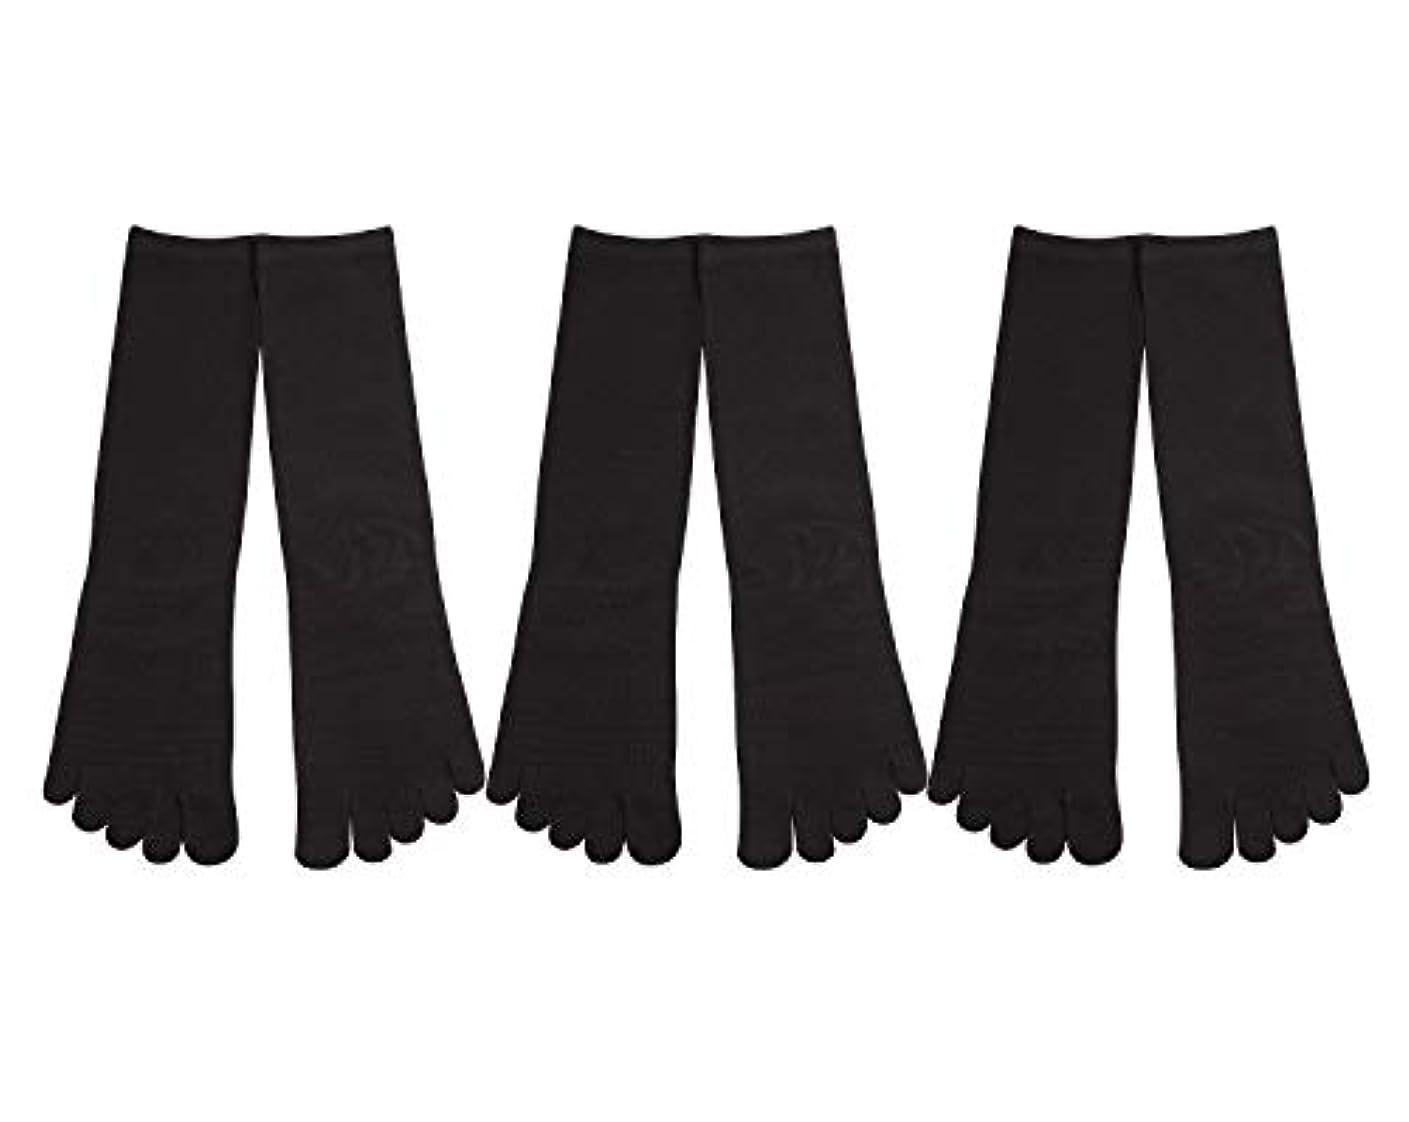 姉妹瞑想するタイルDeol(デオル) 5本指 靴下 男性用 黒 3足セット 25cm-27cm メンズ [足のニオイ対策] 長時間消臭 日本製 靴下